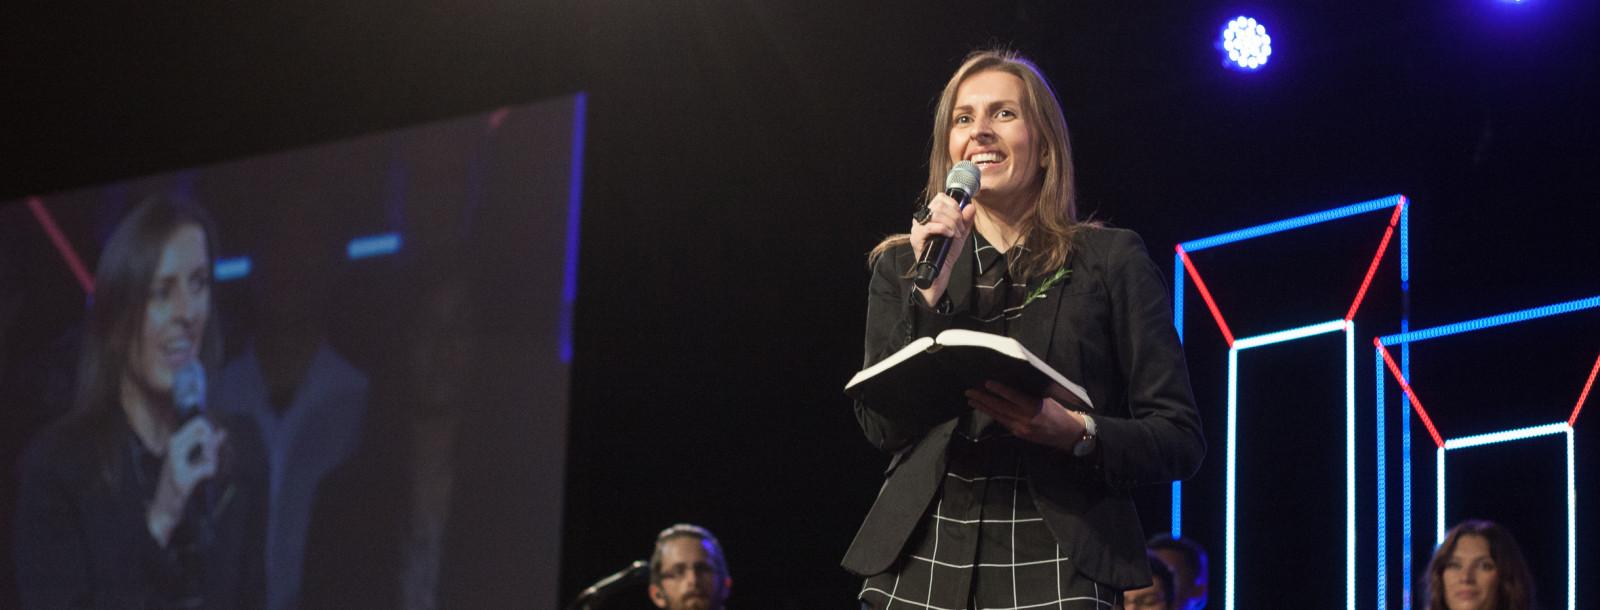 Danielle Jeyaratnam, Perth Campus Pastor